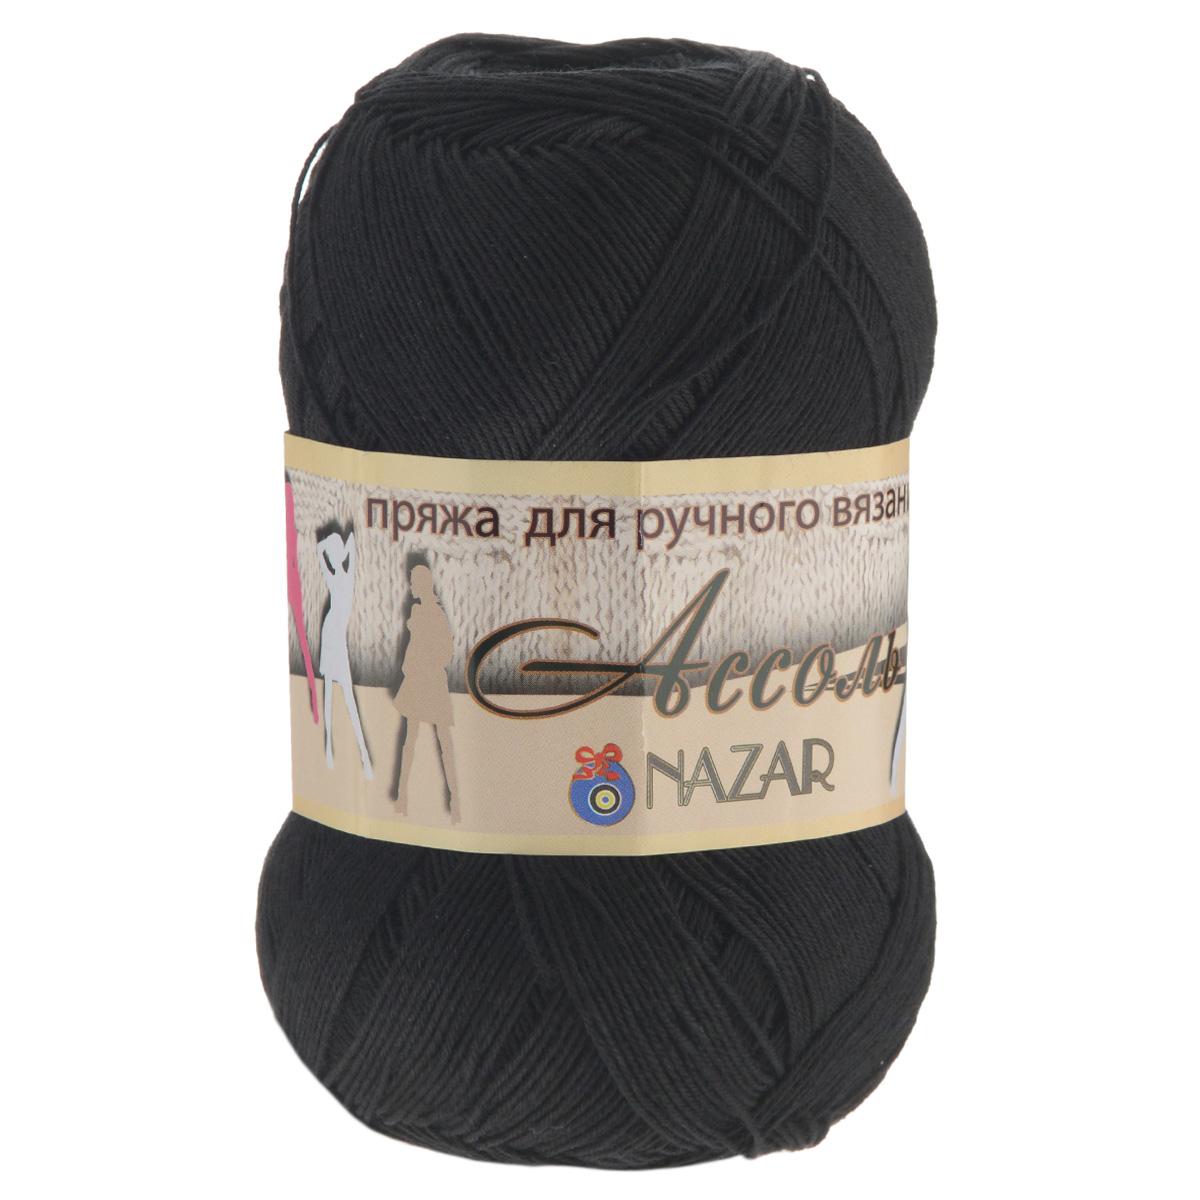 Пряжа для вязания Nazar Ассоль, цвет: черный (1540), 500 м, 50 г, 10 шт349025_1540Nazar Ассоль - это превосходная пряжа, изготовленная из 100% хлопка. Пряжа не имеет эффекта ваты и позволяет вязать ажурные летние изделия спицами или крючком в 2 сложения или теплые вещи в 4-5 сложений. Из такой пряжи хорошо смотрятся рельефные узоры. Рекомендуемые спицы 2 мм, крючок 2 мм. Количество мотков: 10 шт. Состав: 100% хлопок.